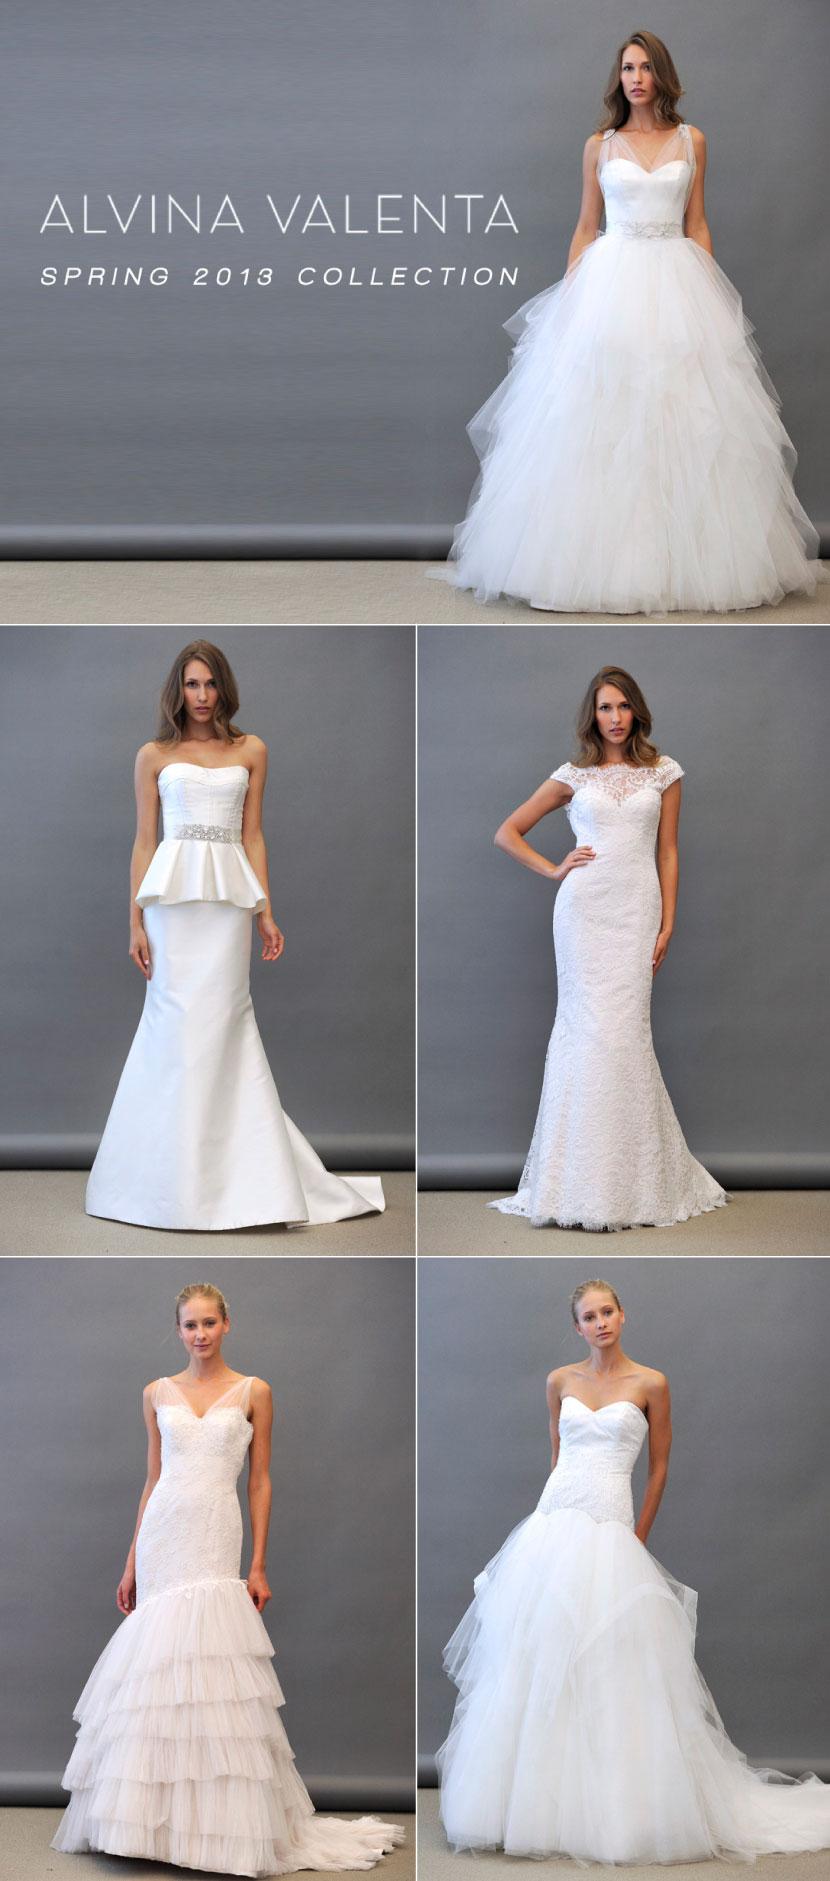 Alvina Valenta Spring 2013 wedding gown collection